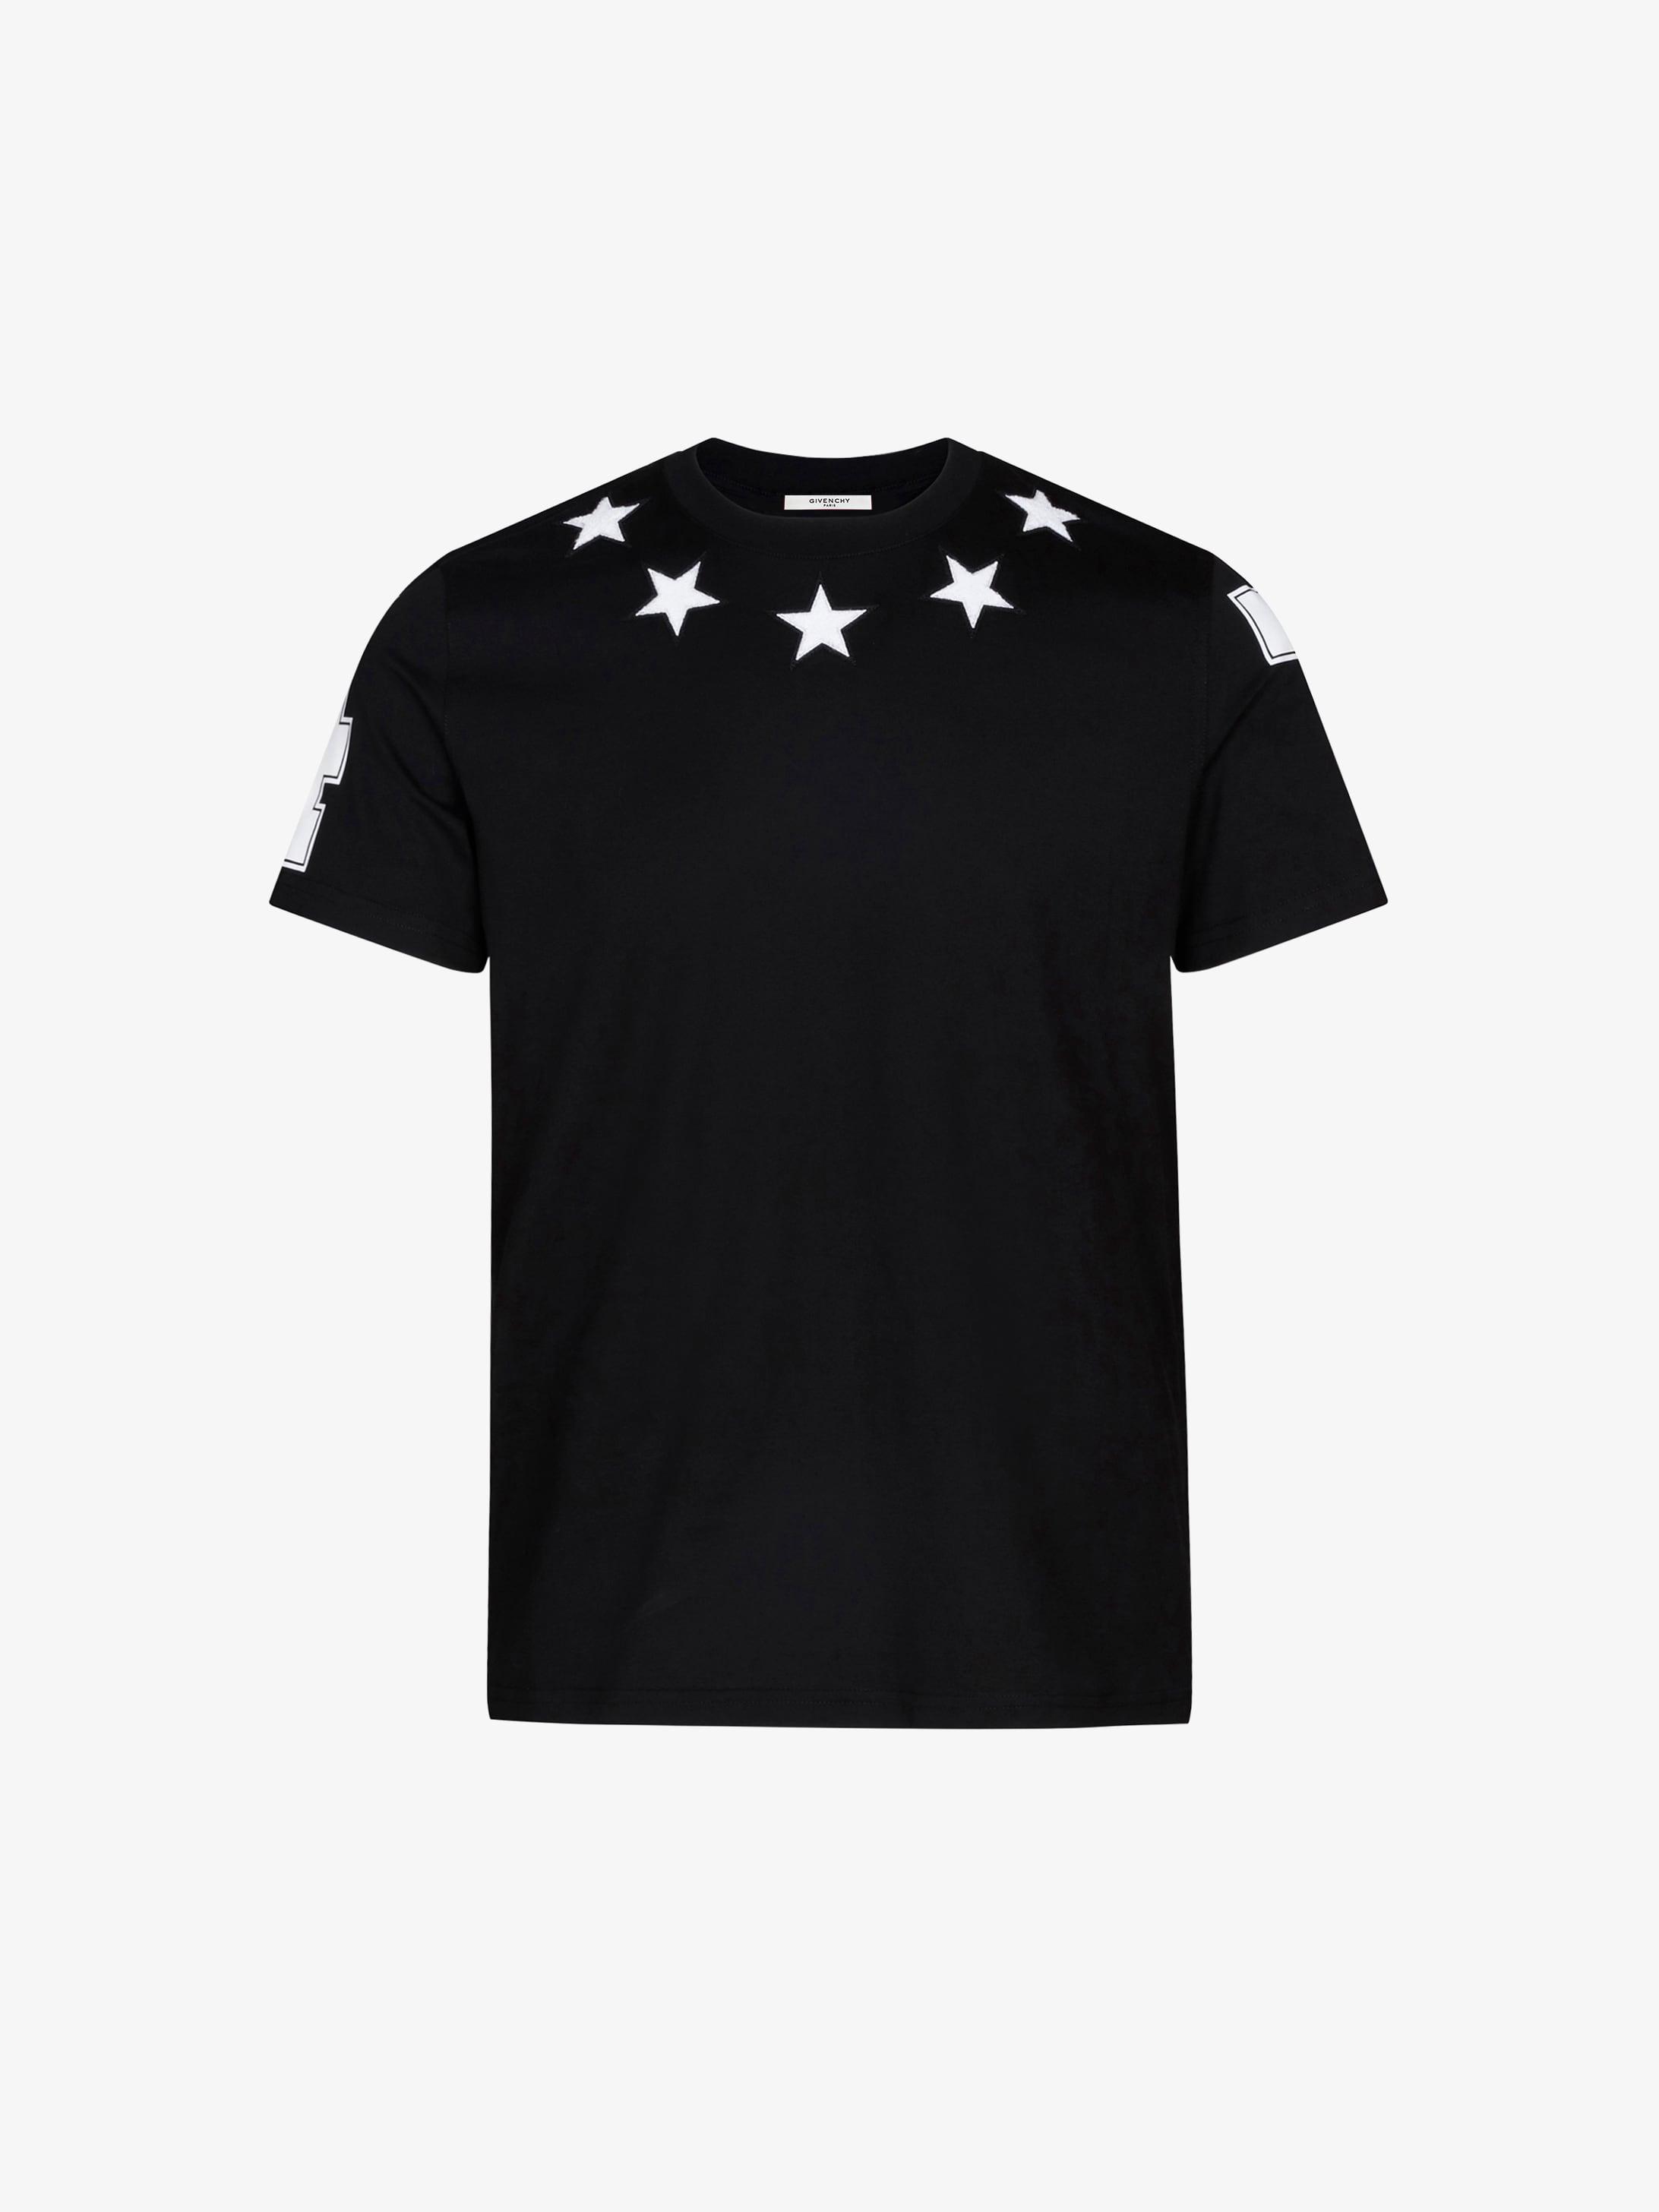 T-shirt broderies étoiles et imprimé 74